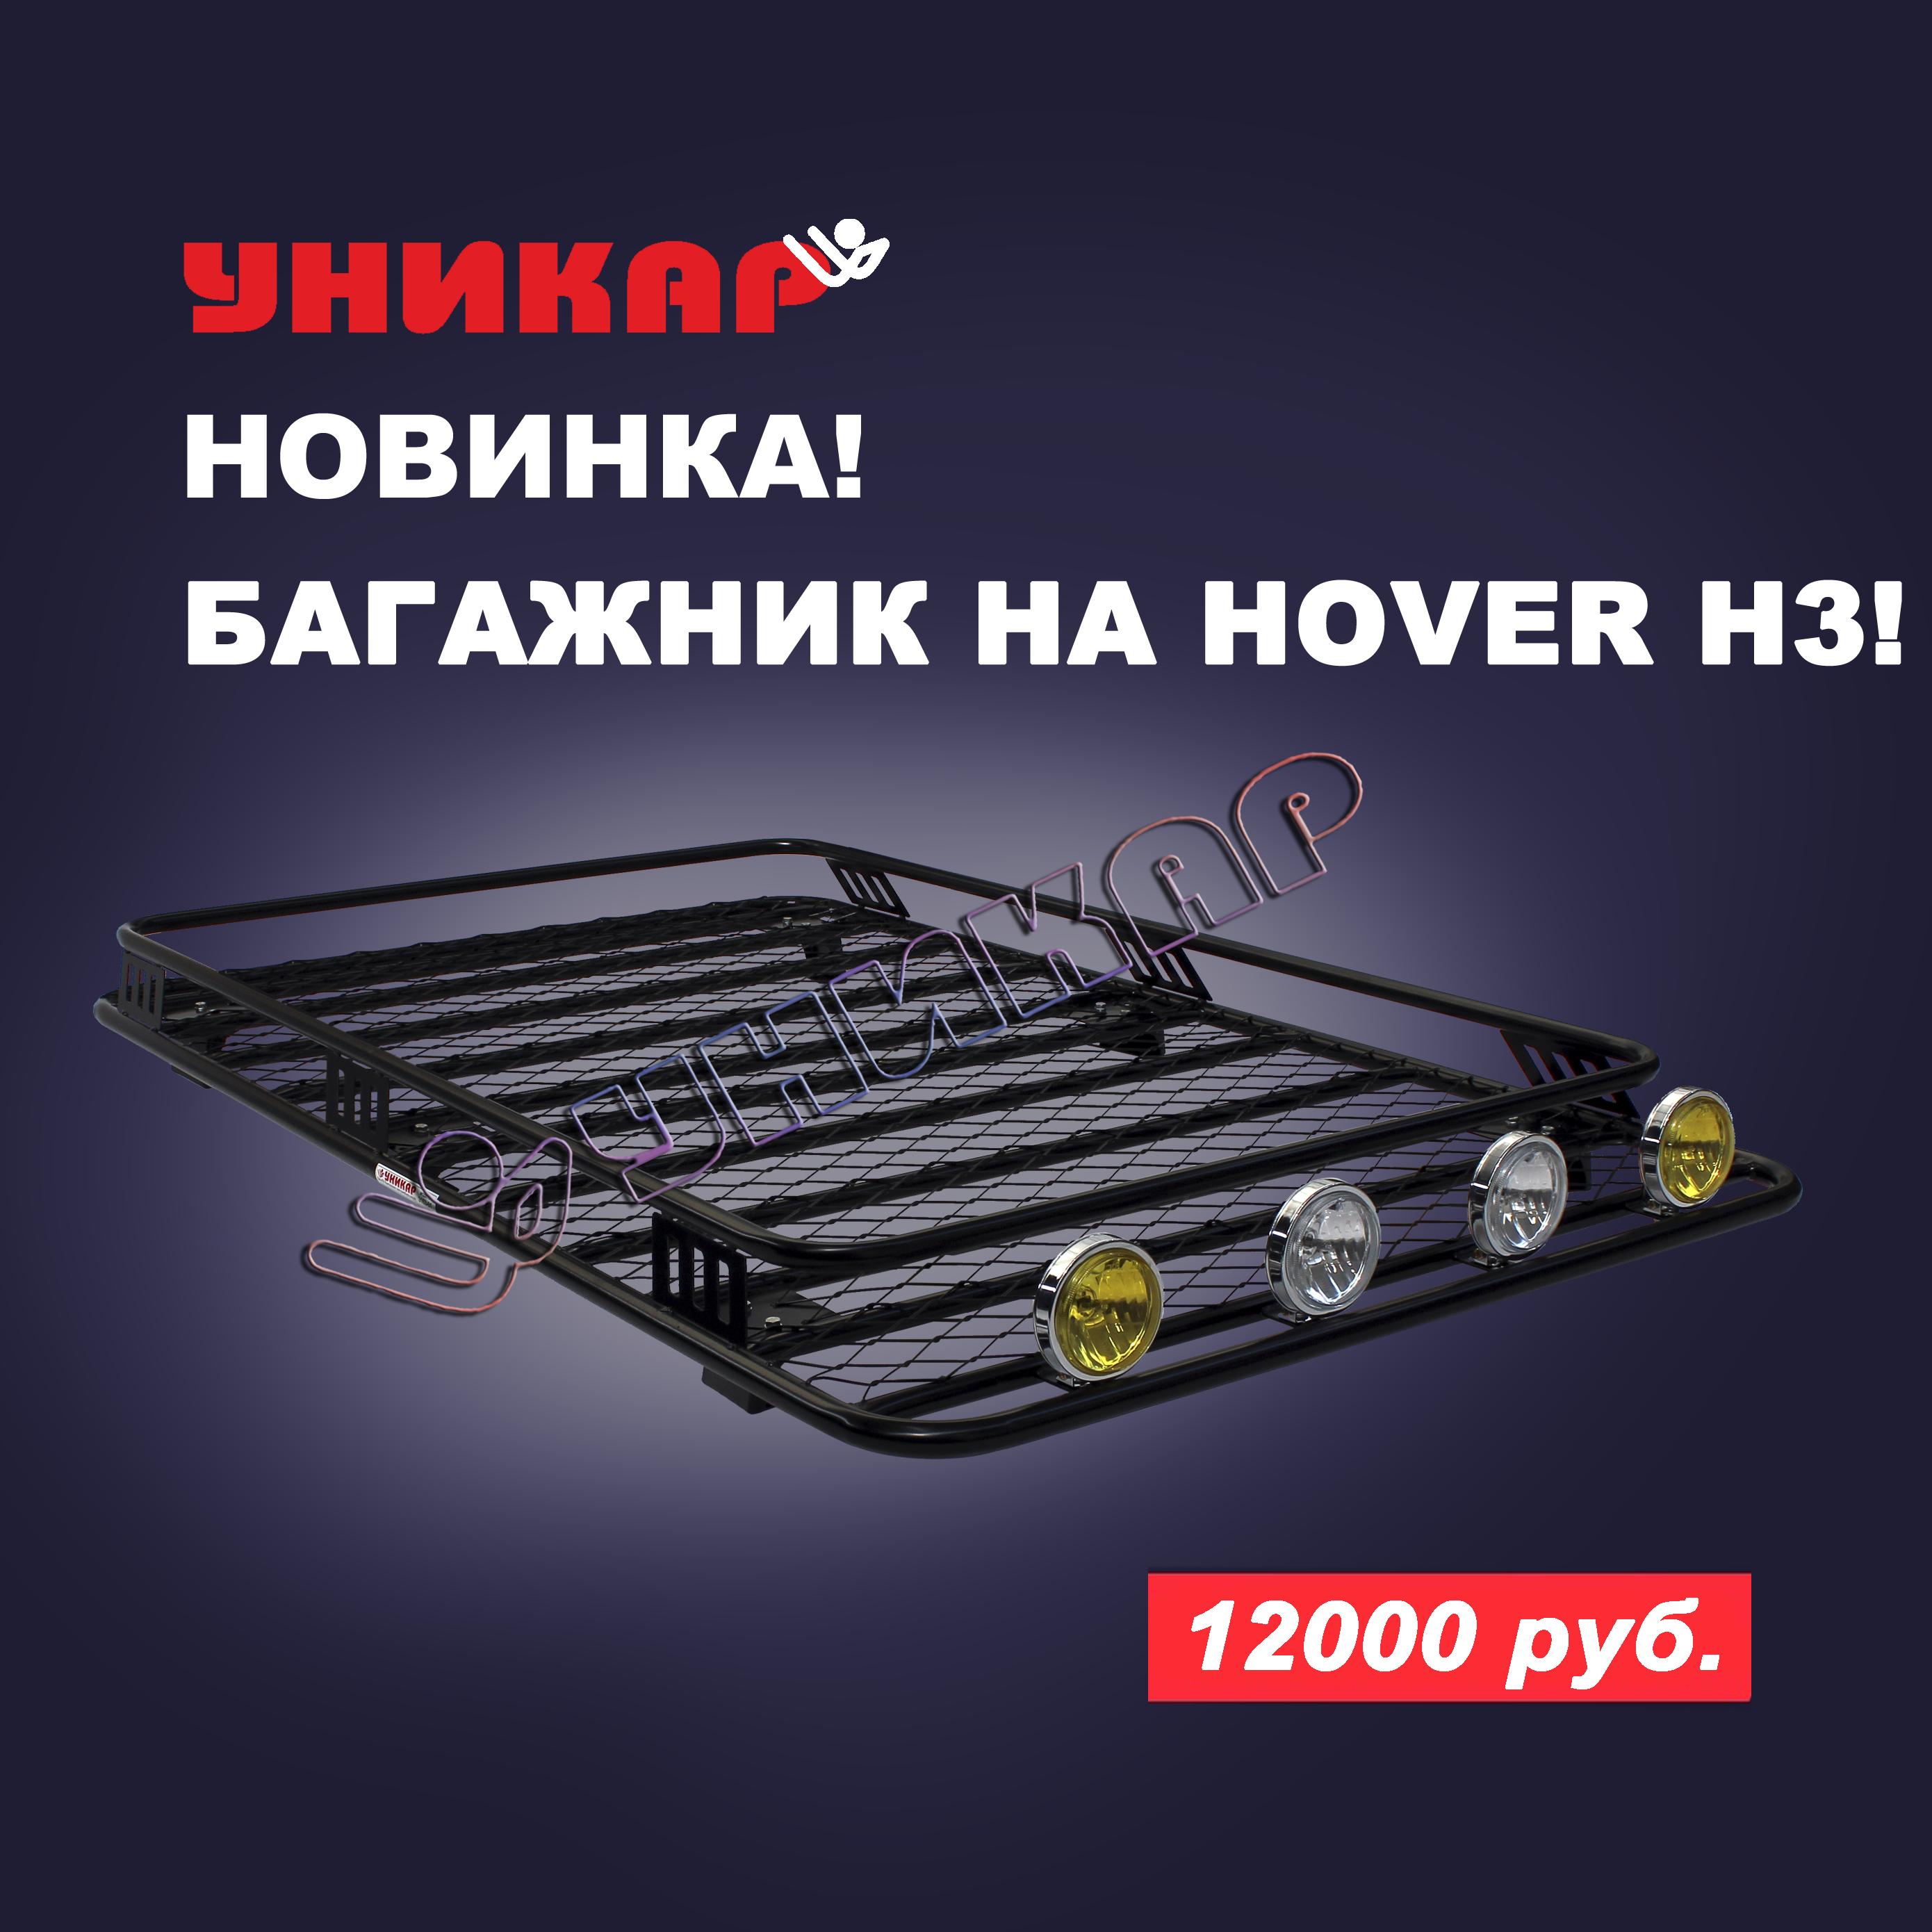 ❗ Новинка ❗ Багажник на Hover H3!